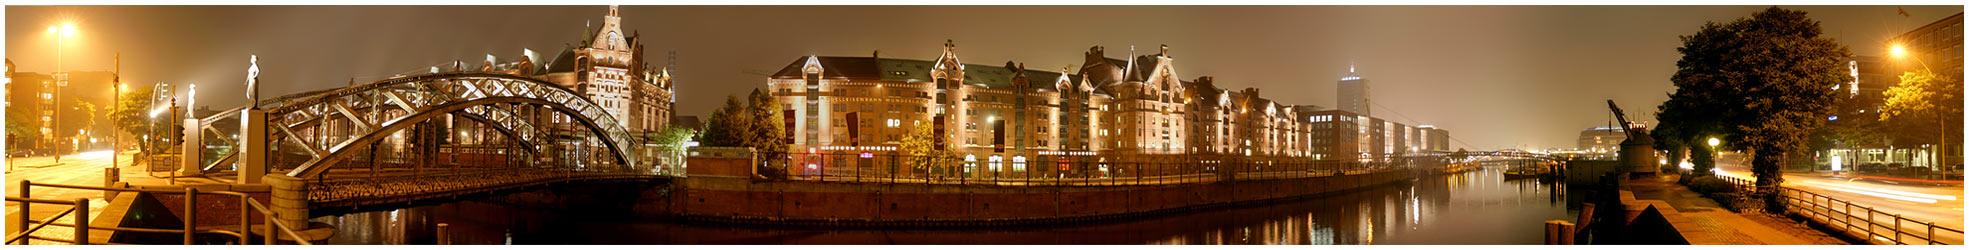 Speicherstadt by Night